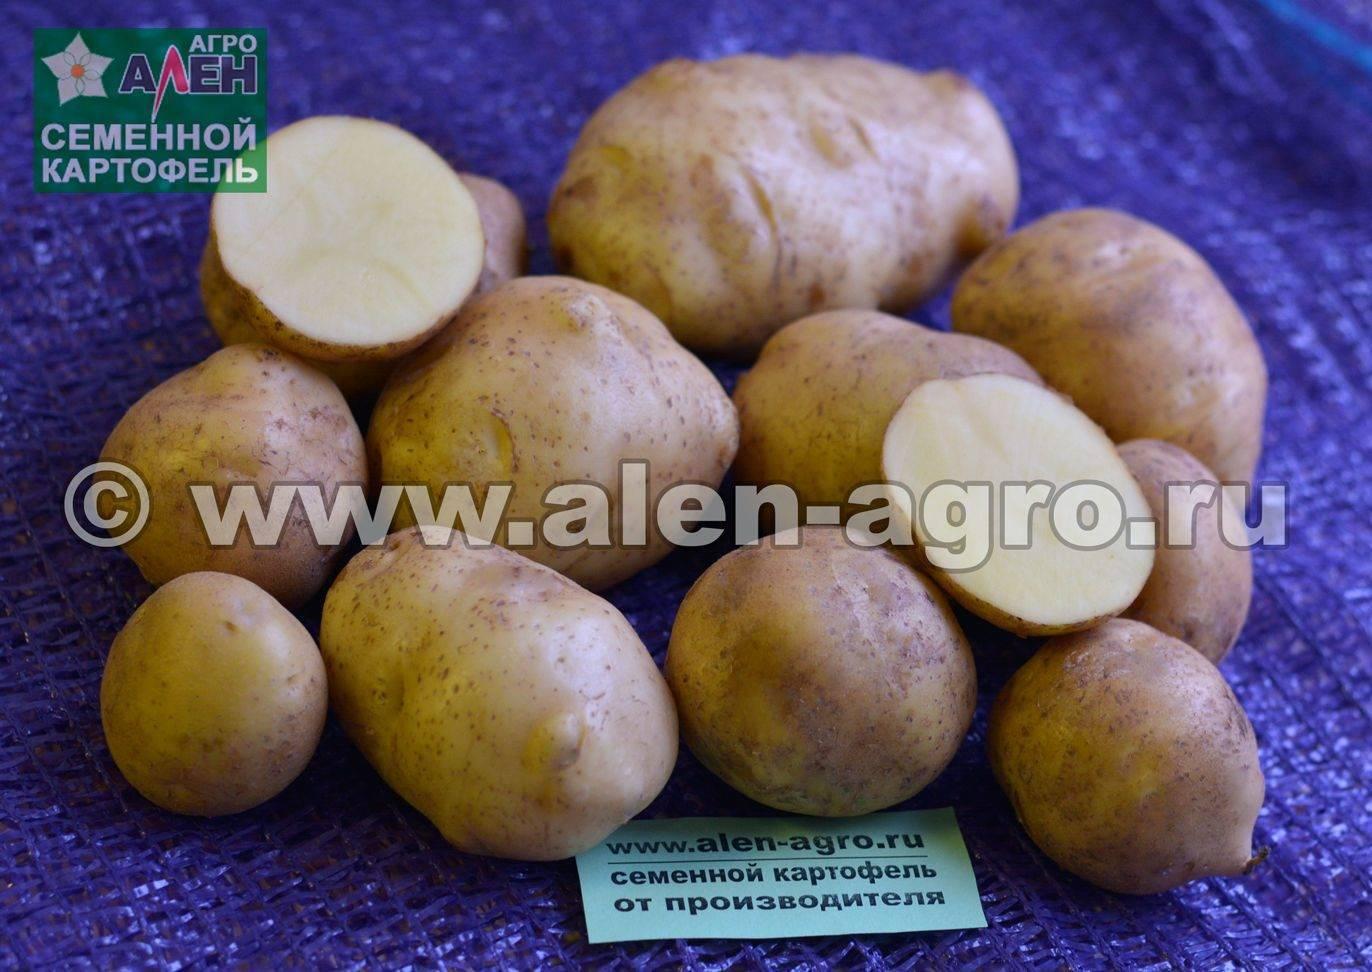 Картофель русской селекции – колобок. основное о корнеплоде: положительные и отрицательные стороны